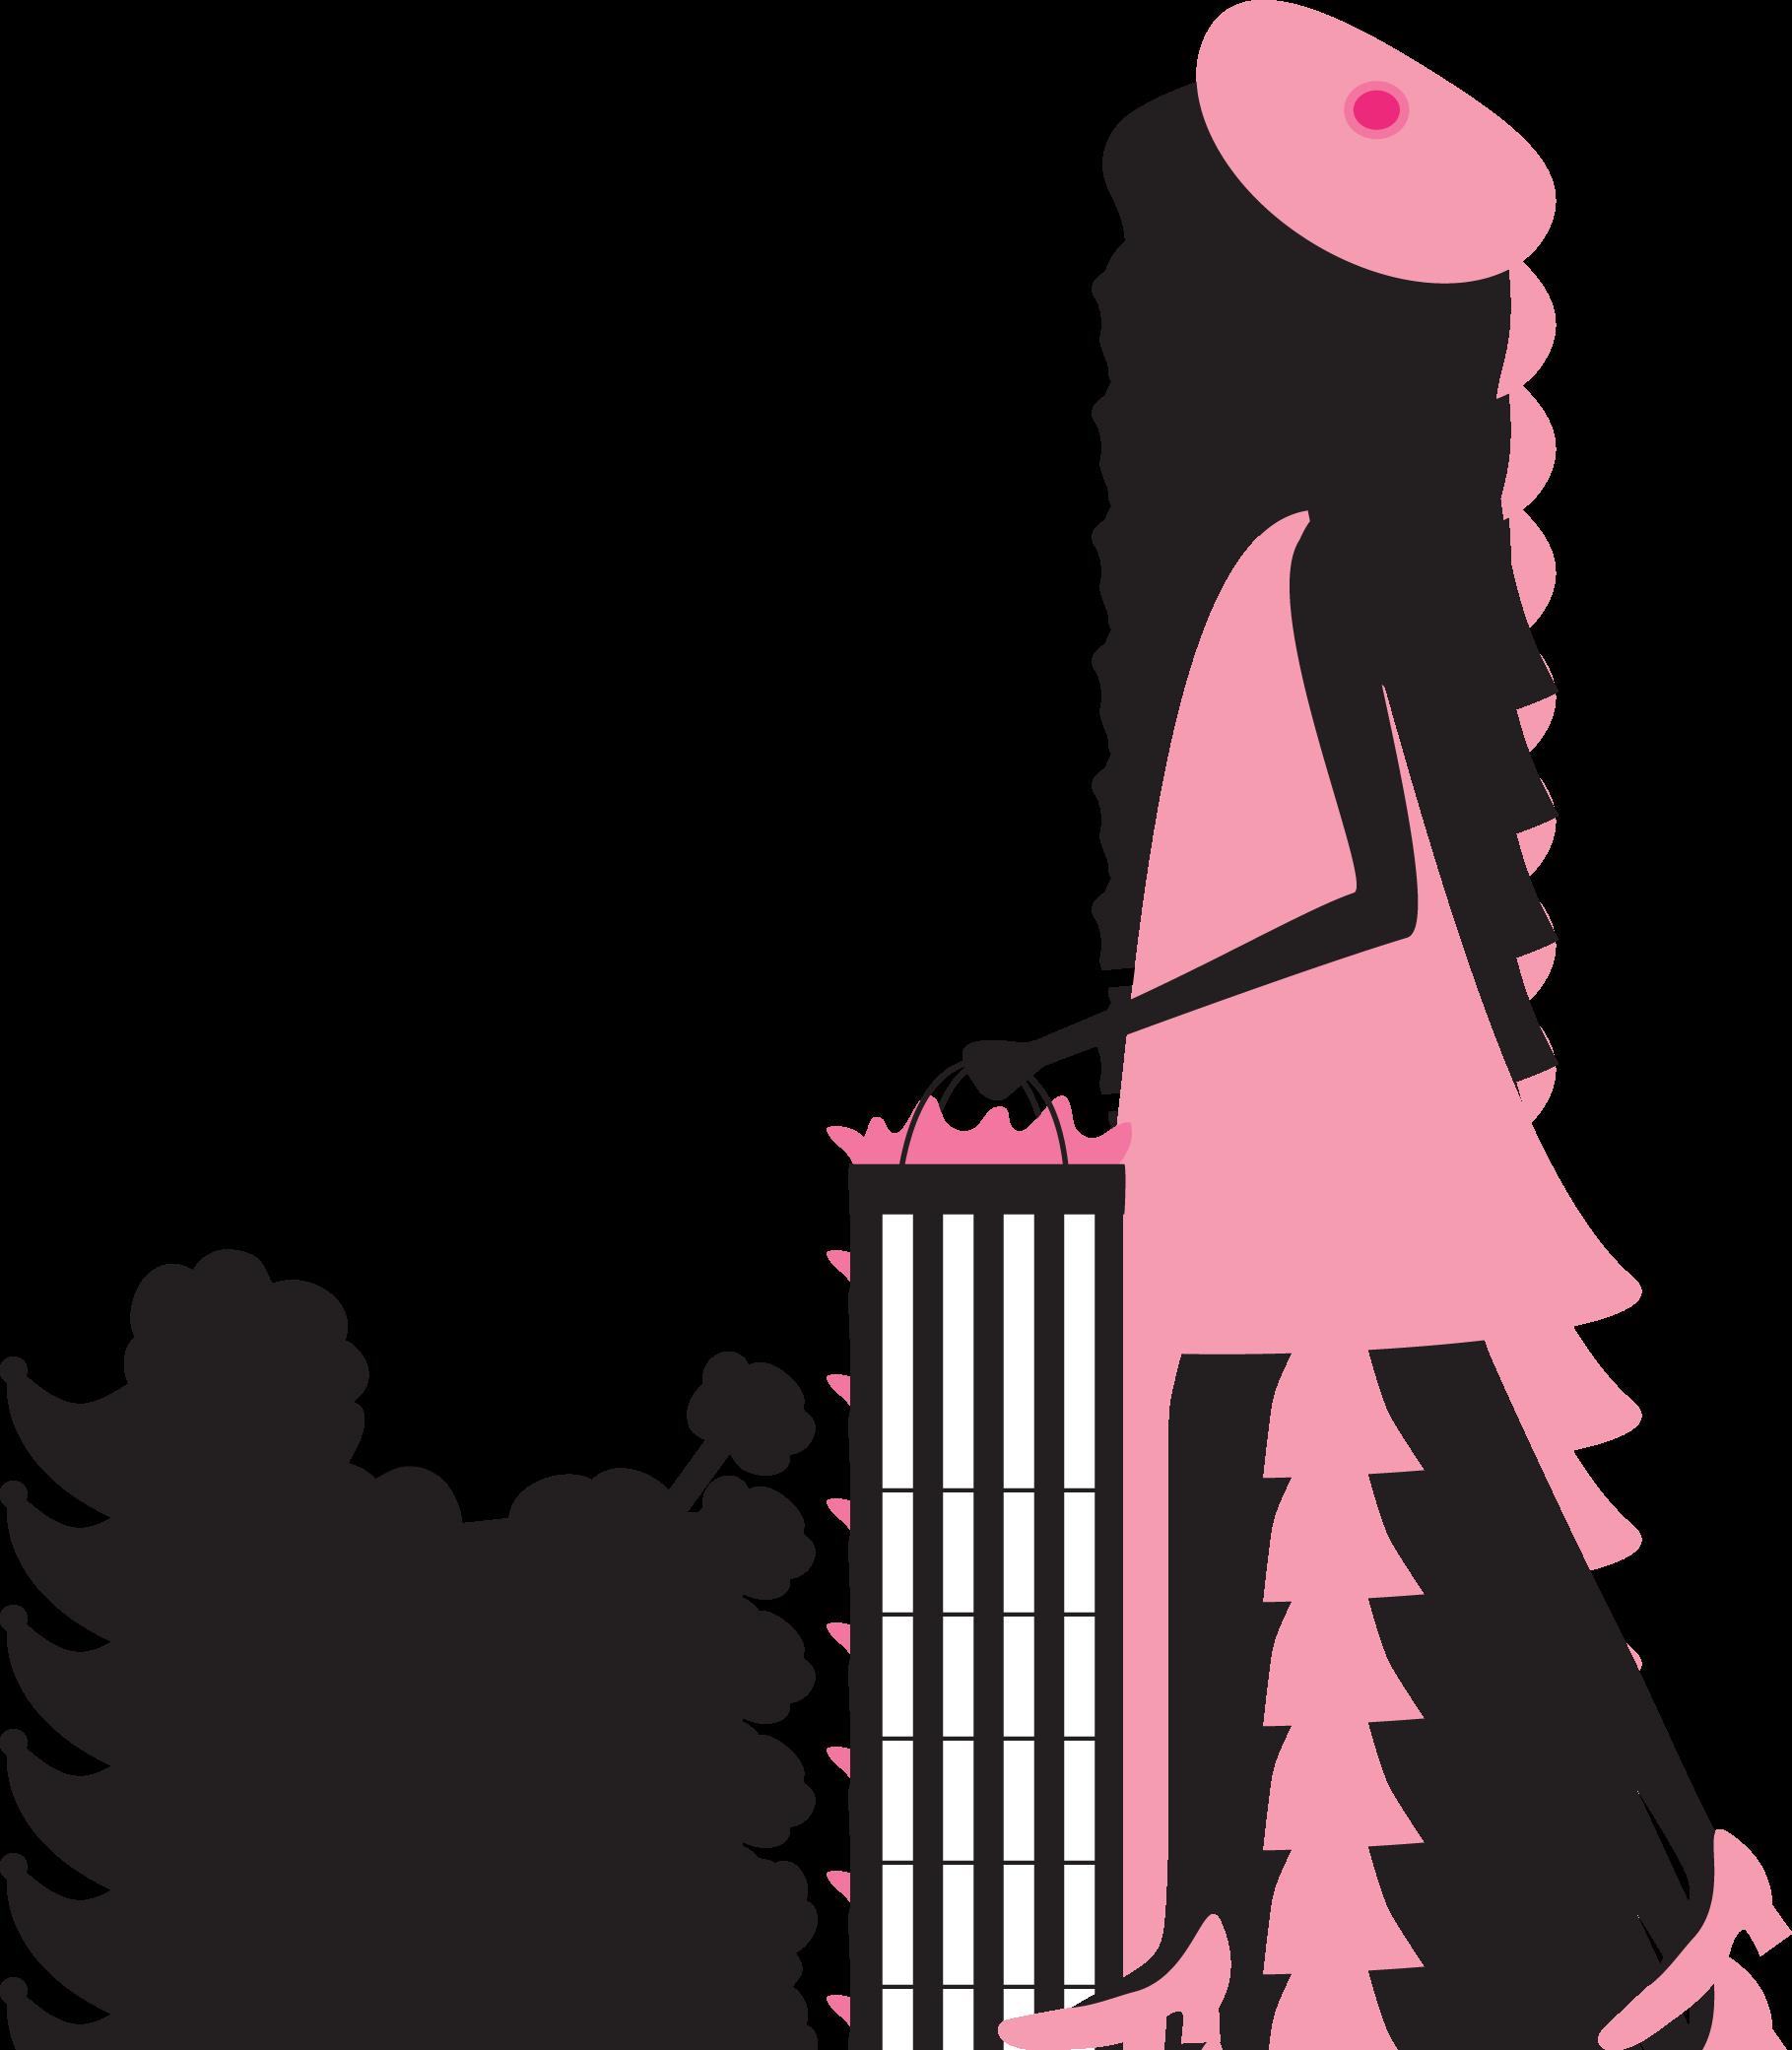 image download Isvj apoczras png pinterest. Poodle clipart woman paris.